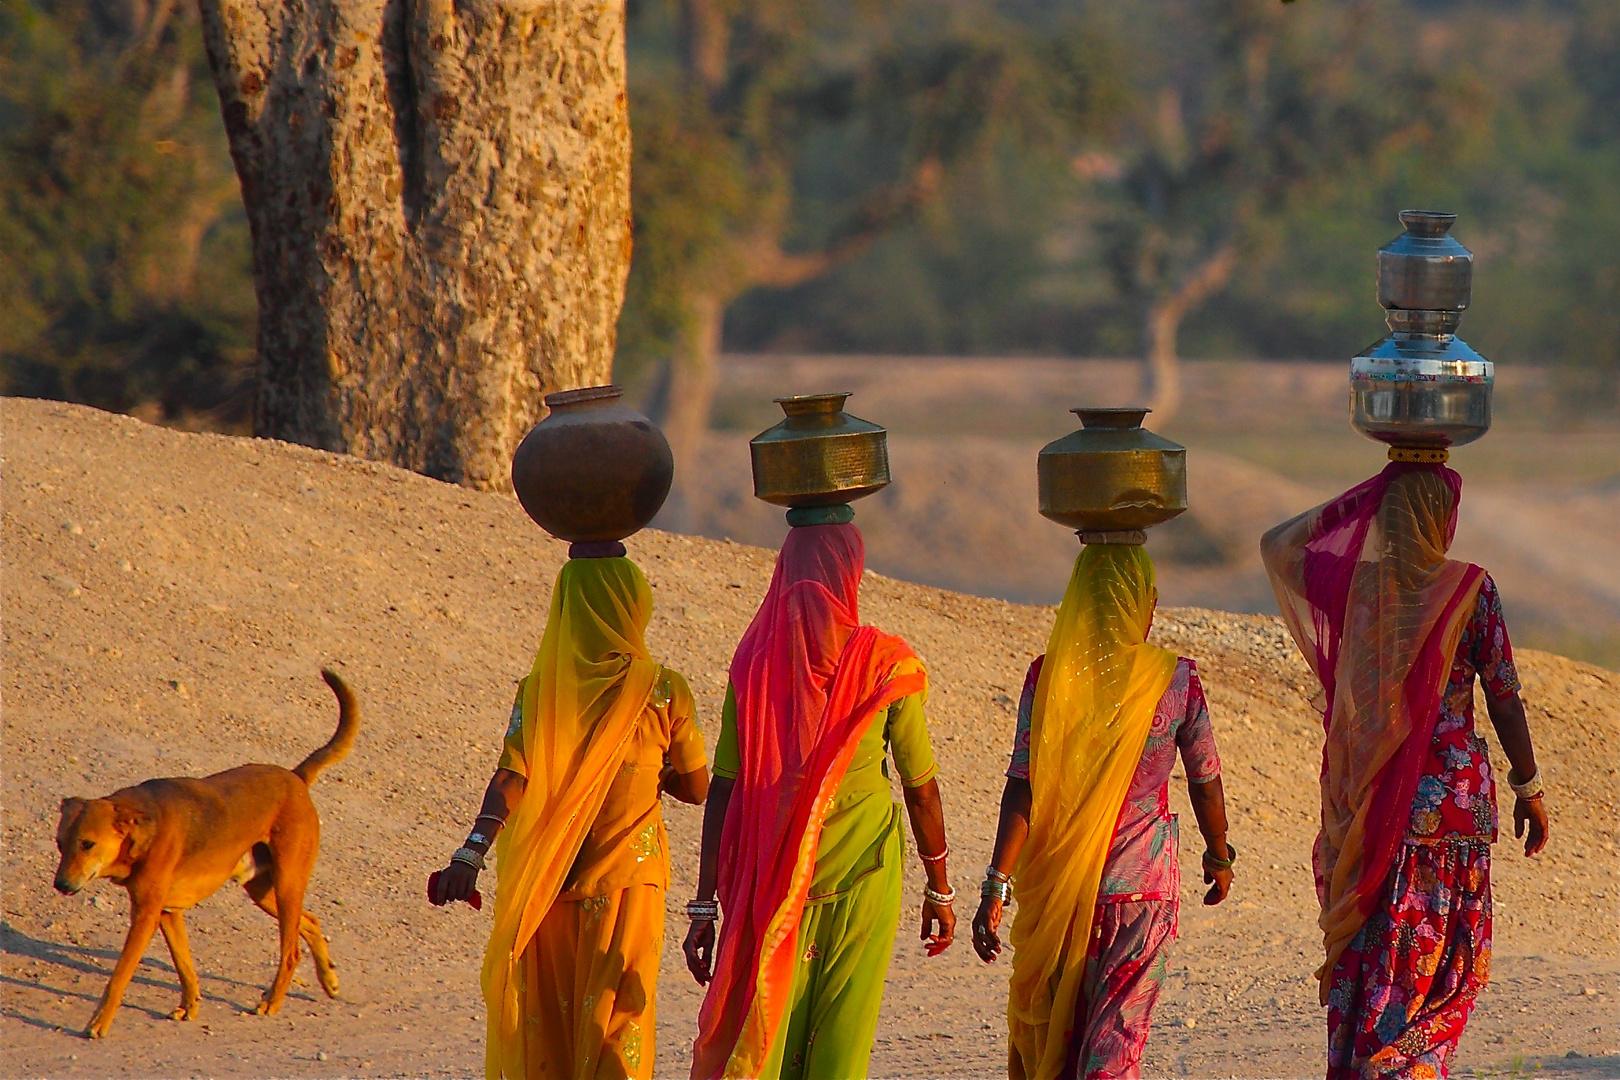 Elégance des villageoises du Rajasthan.